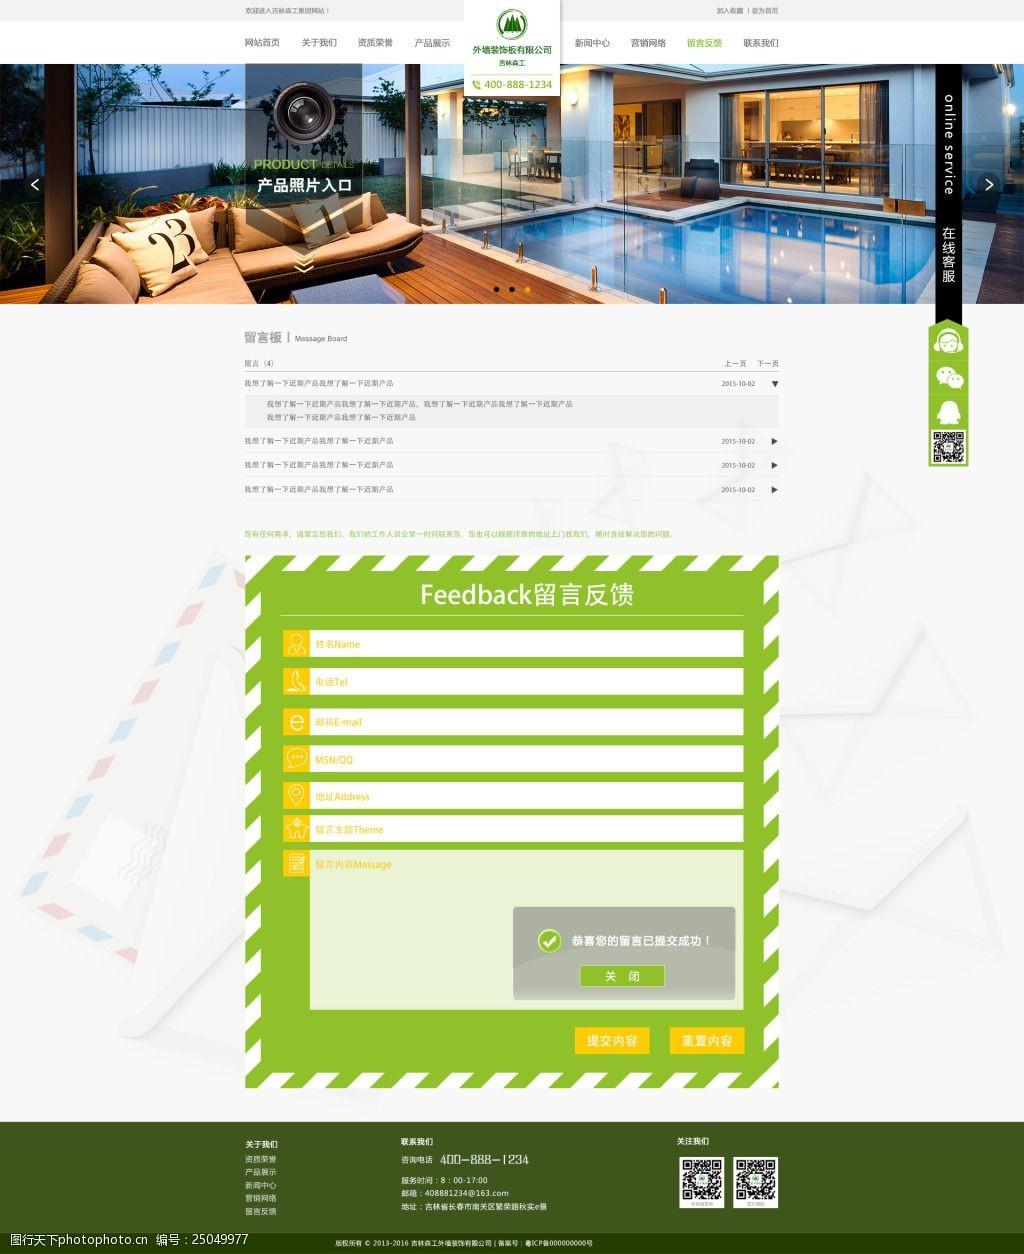 森工留言网页设计郑州天友建筑设计有限公司笔试图片